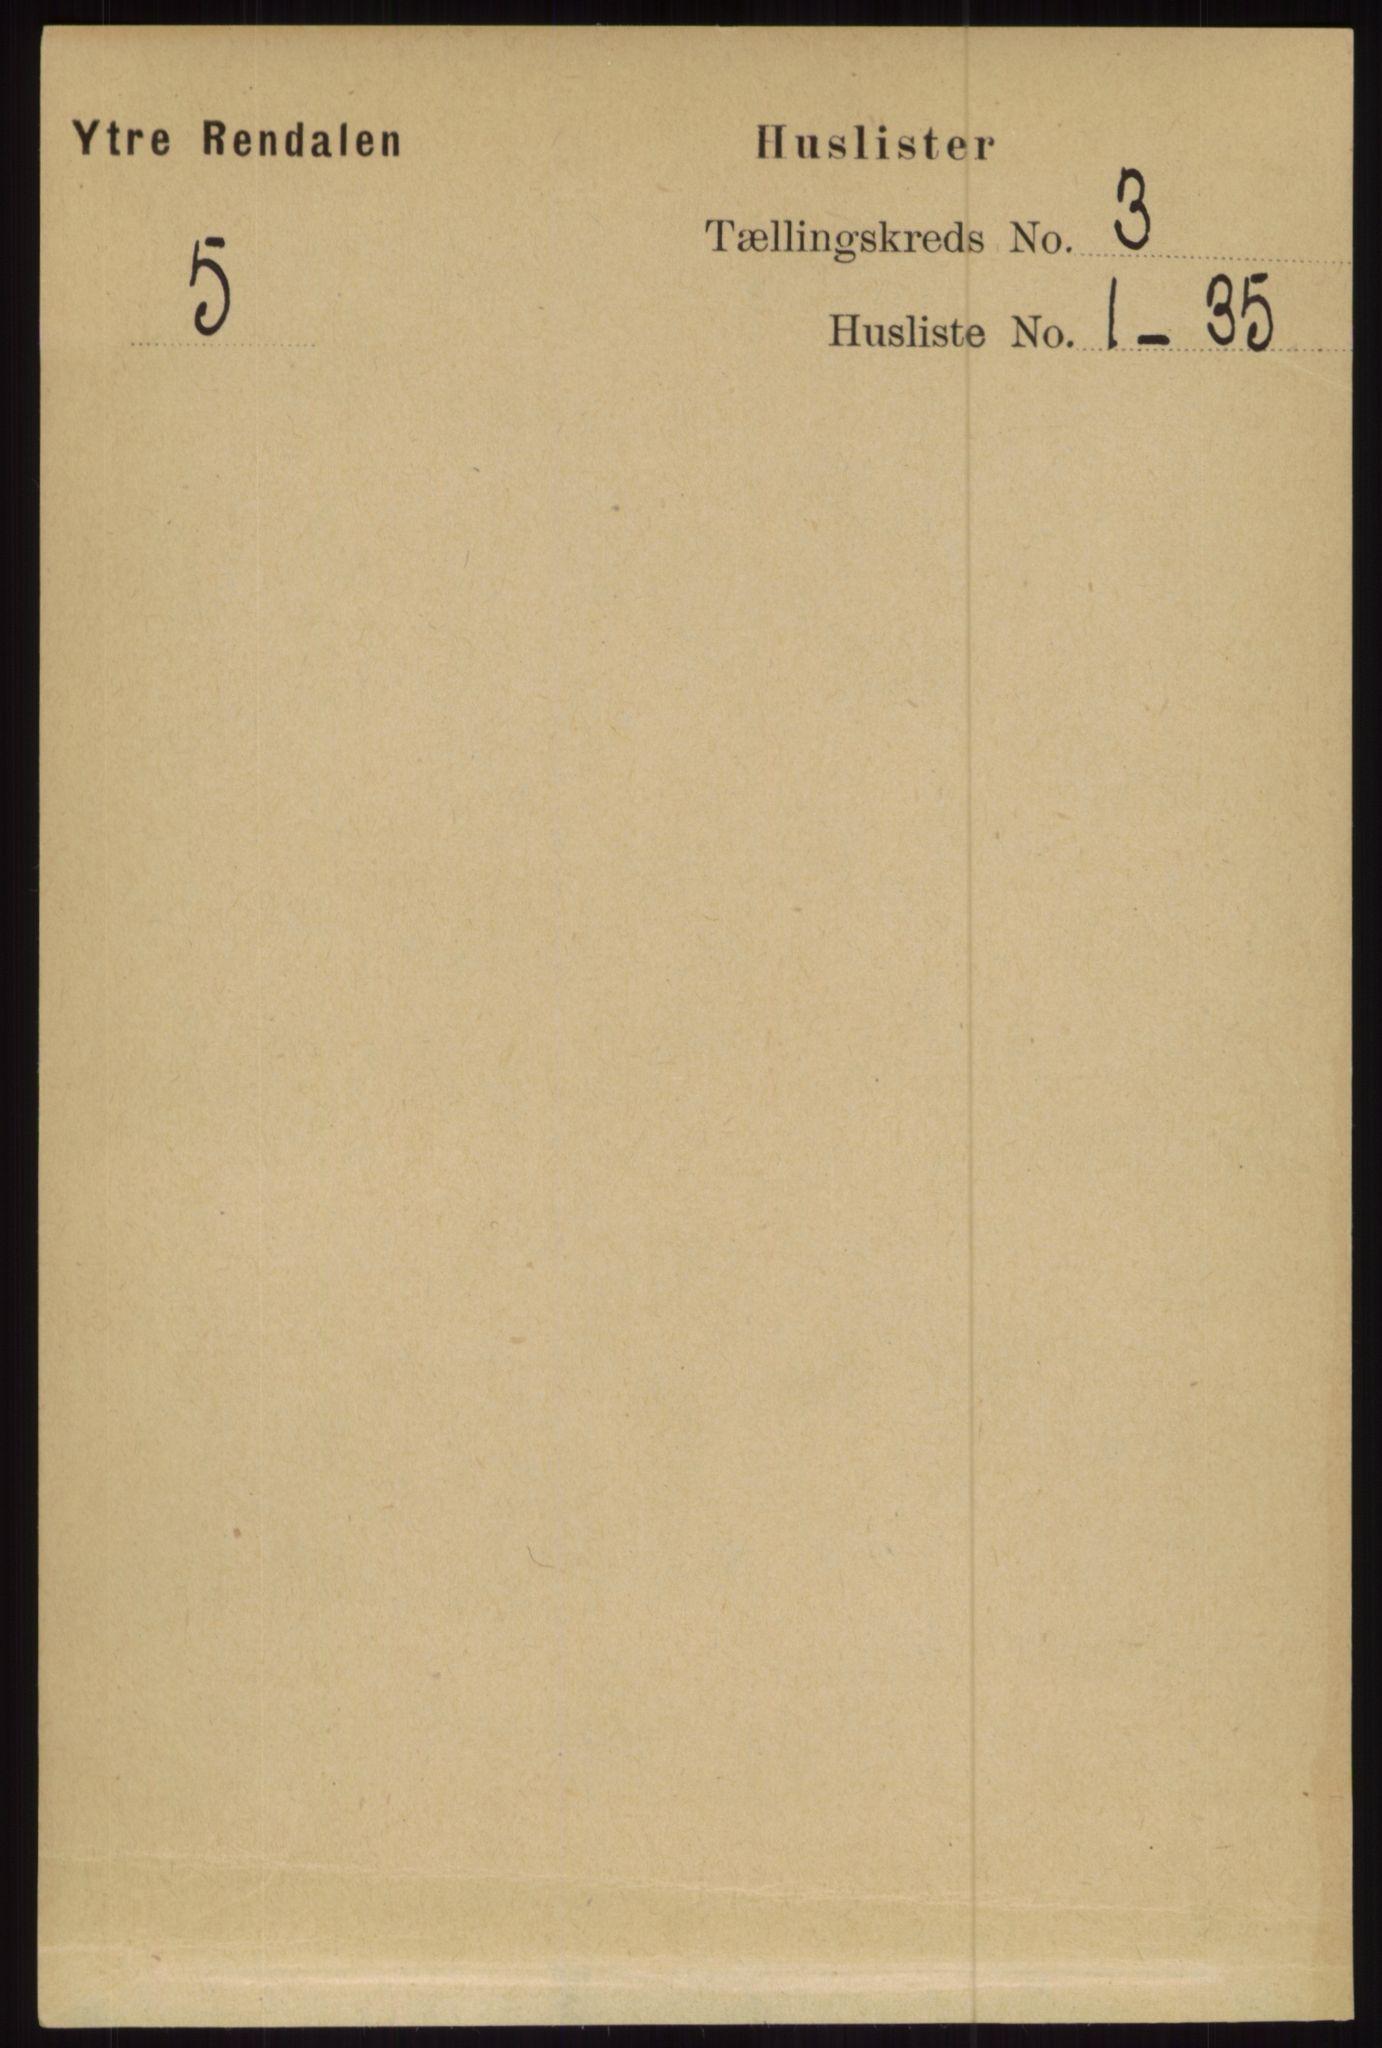 RA, Folketelling 1891 for 0432 Ytre Rendal herred, 1891, s. 369